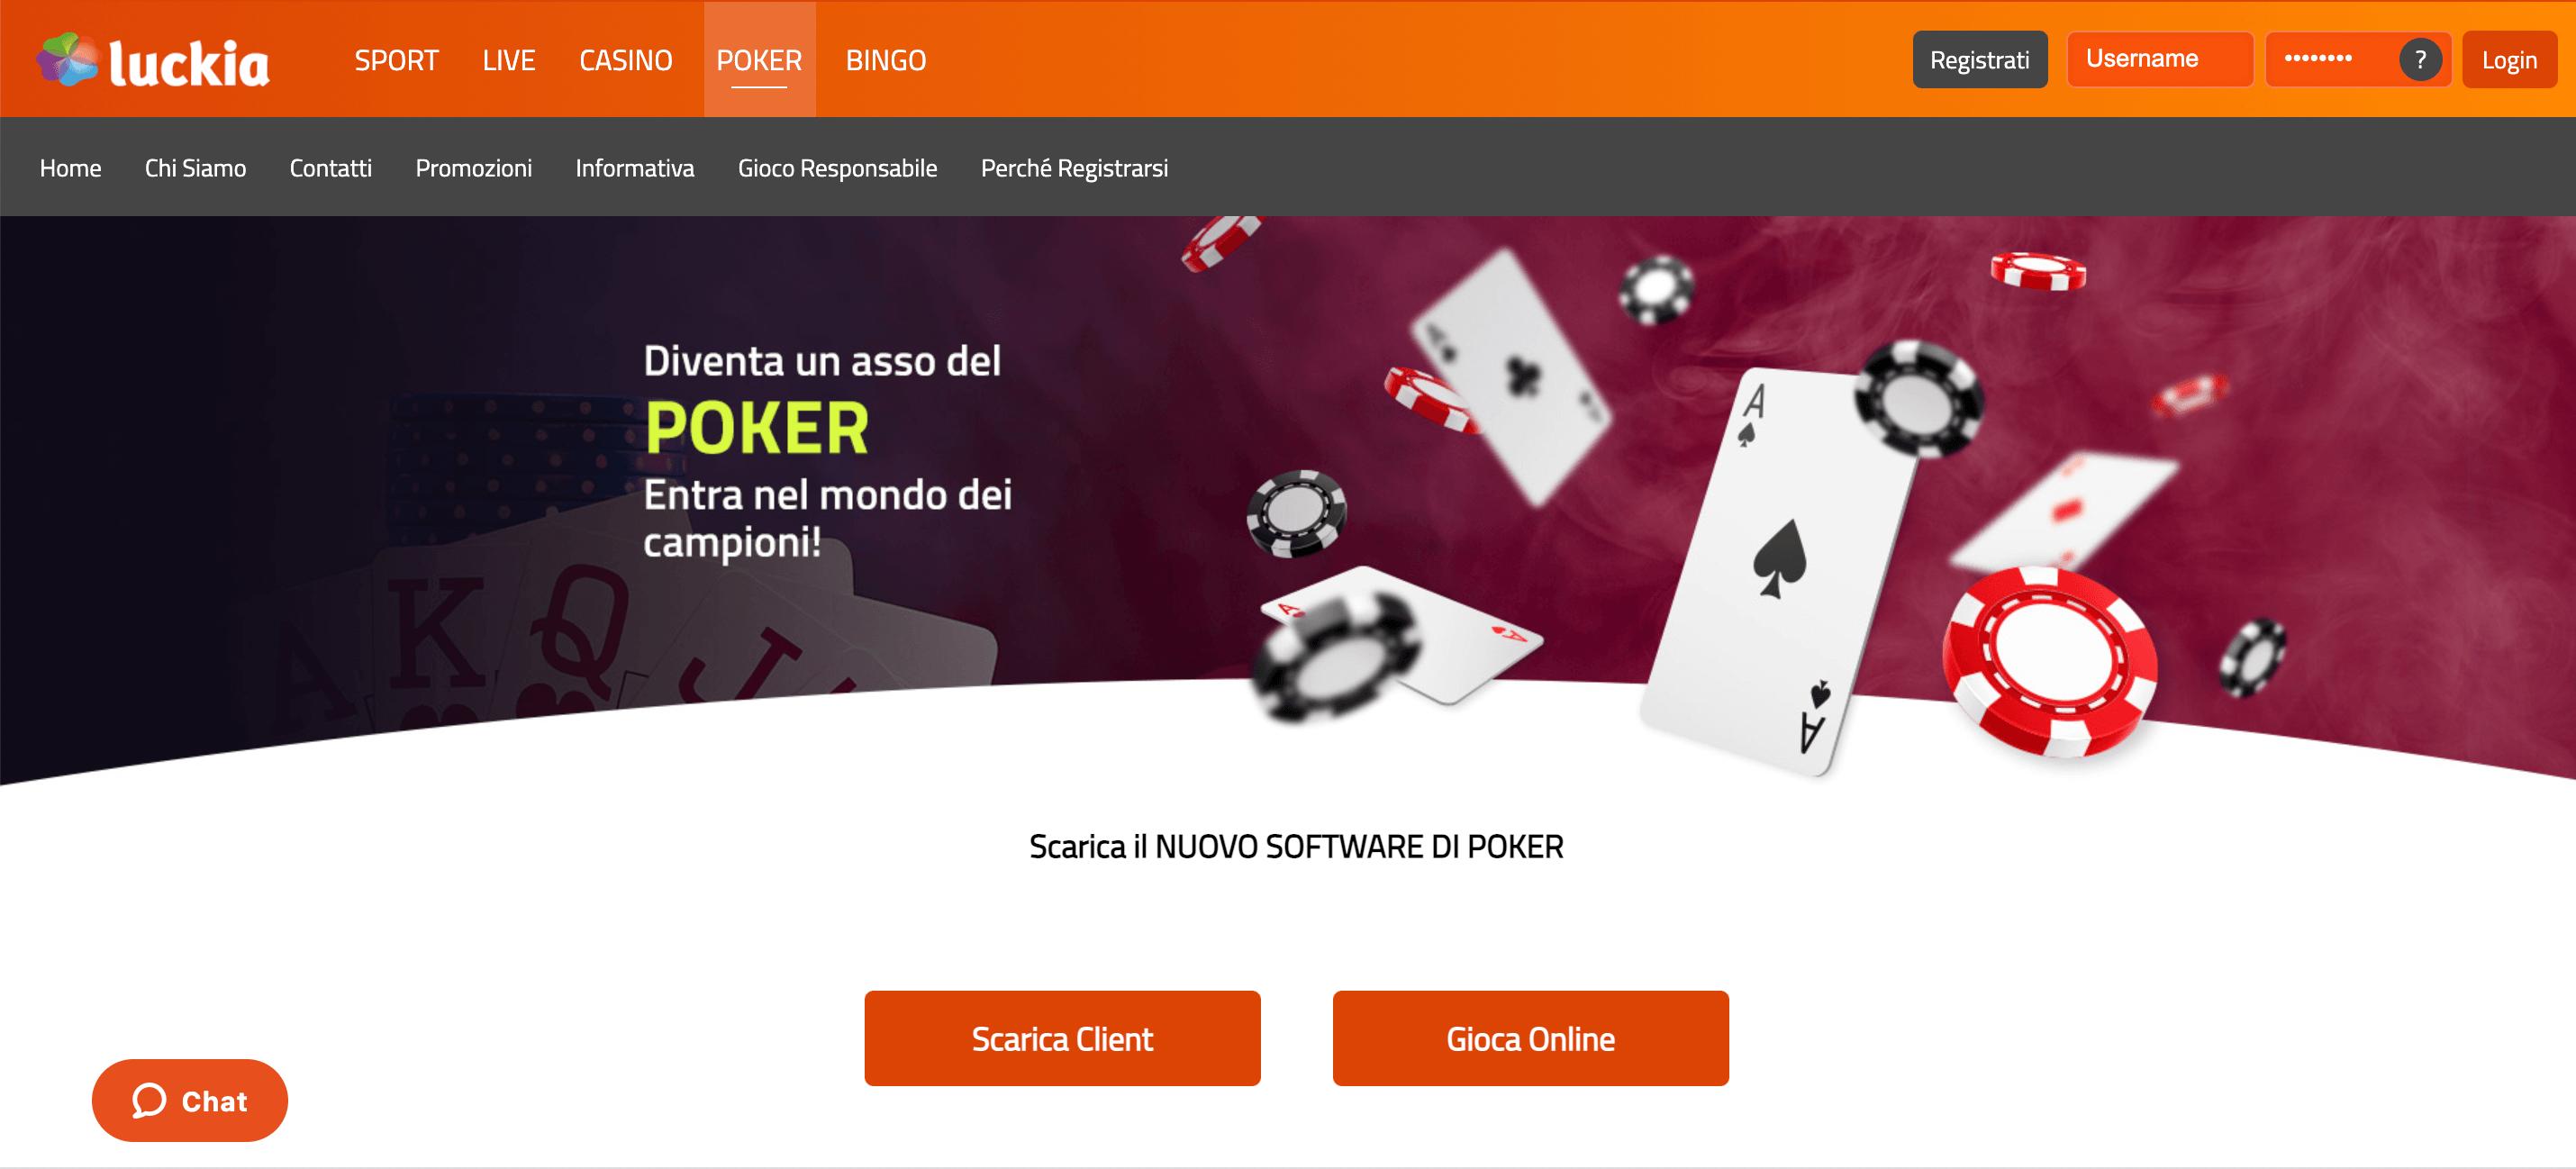 Luckia Poker Home